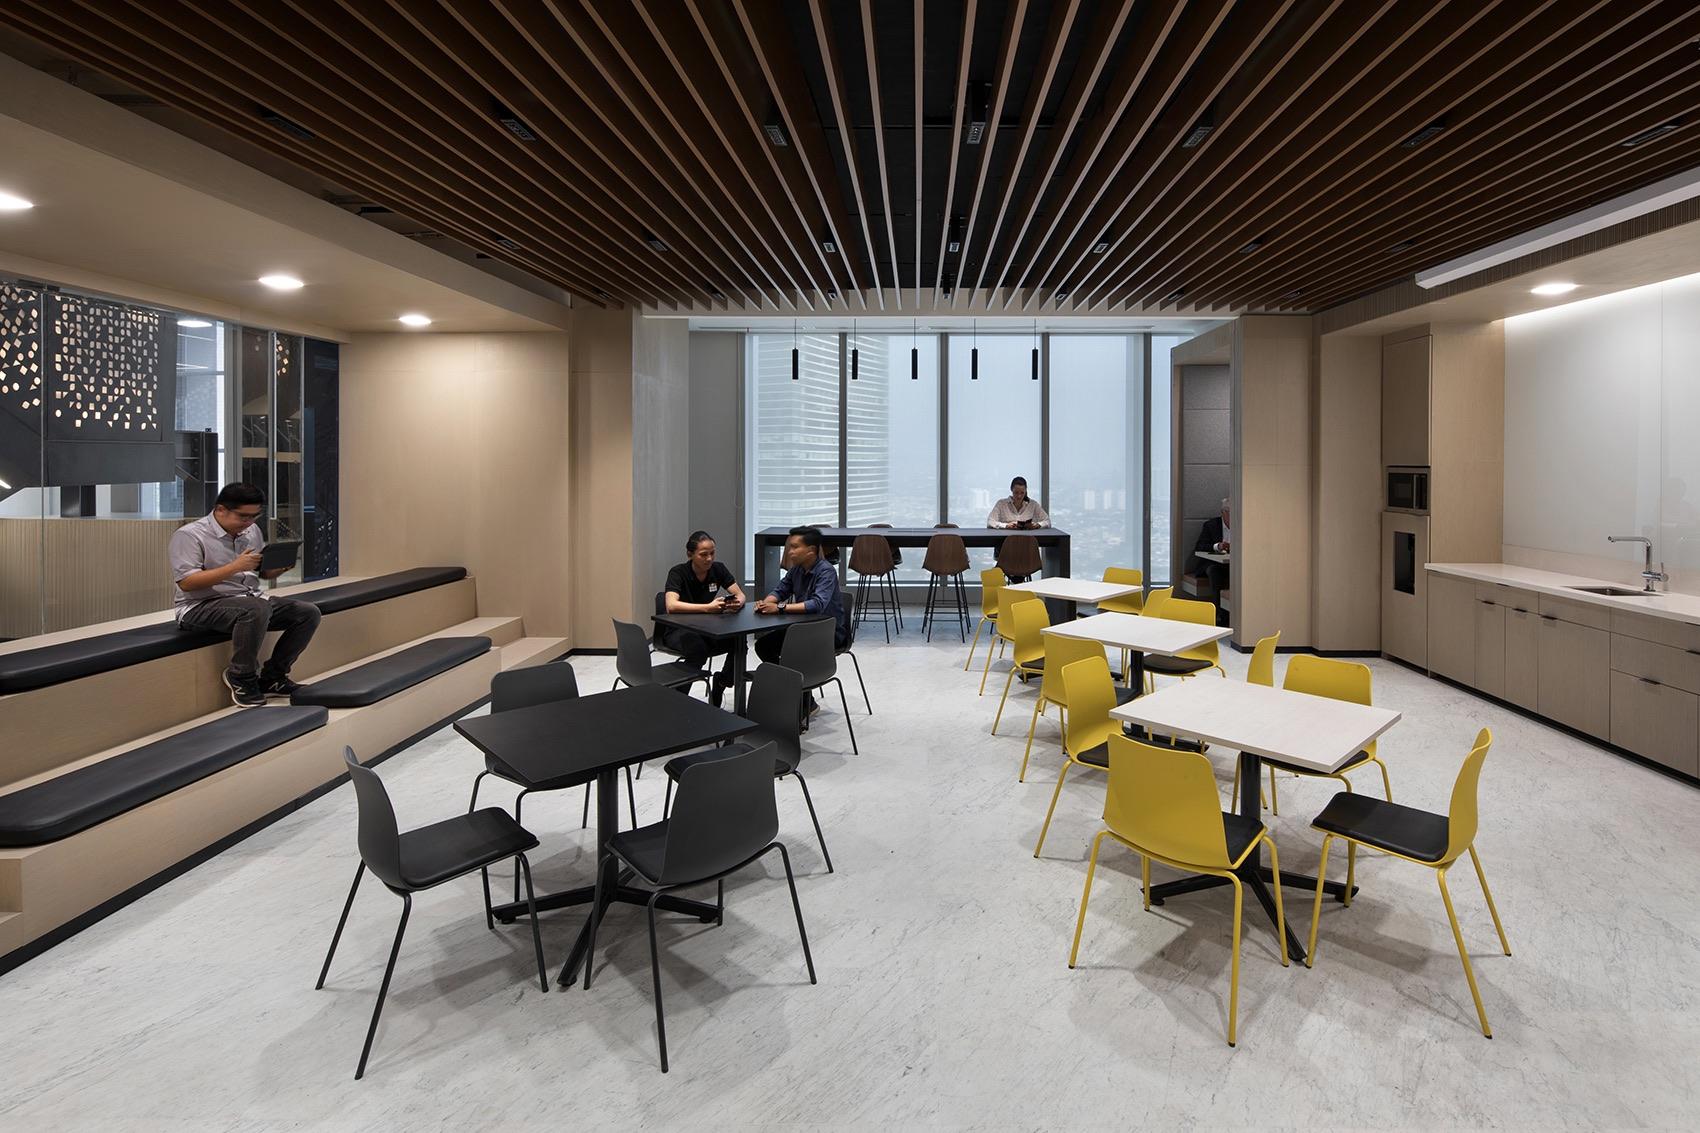 gunung-sewu-group-jakarta-office-20